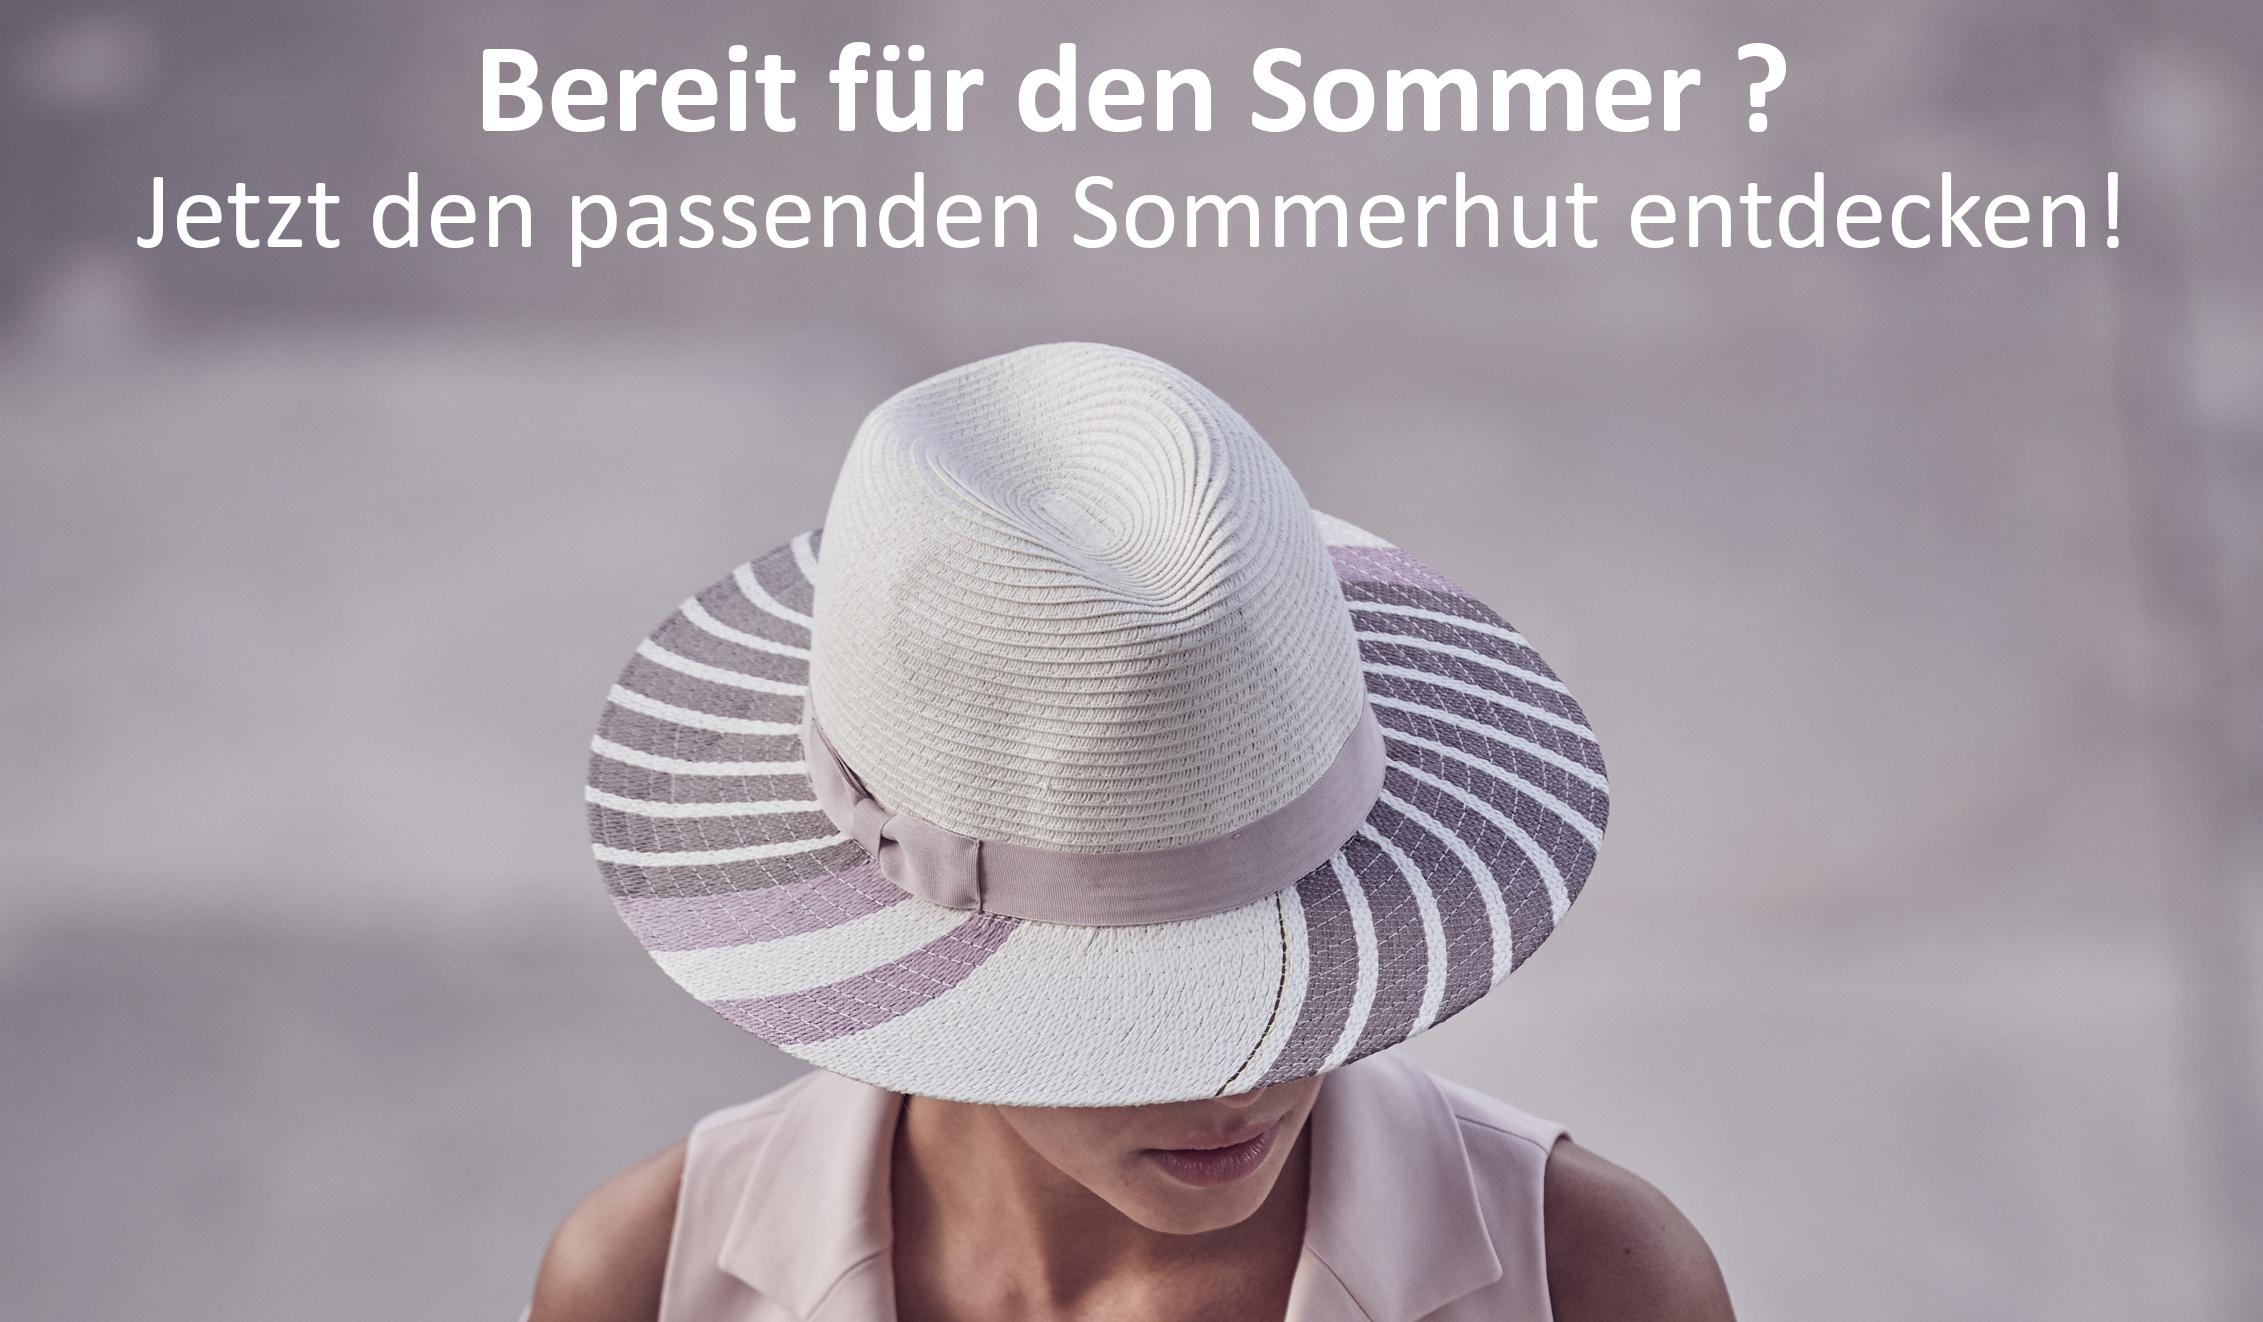 7fedccc483b0a0 Hüte, Mützen und Caps online kaufen | HUTX.de Online Shop